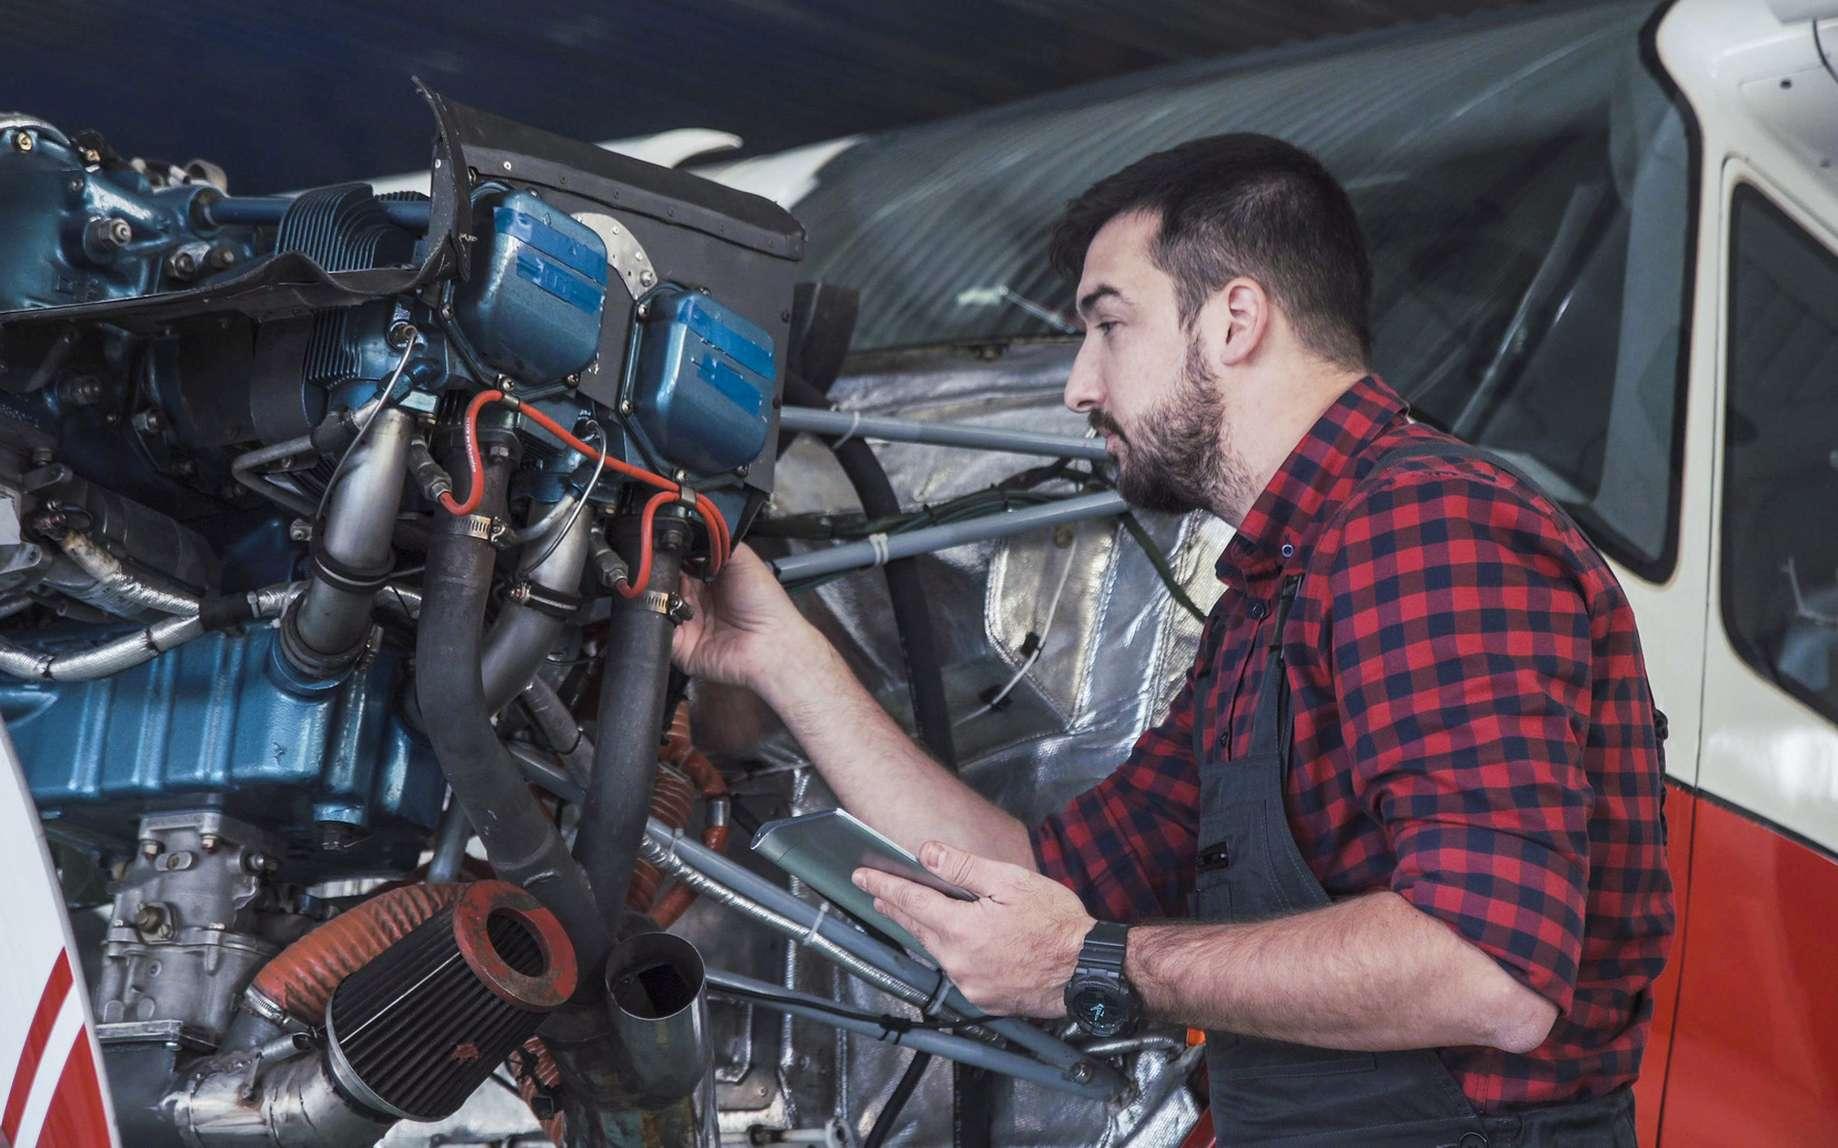 Le mécanicien aéronautique peut intervenir sur la piste lorsqu'un avion est en transit. Souvent spécialisé sur une partie d'un aéronef, le mécanicien doit faire preuve de rigueur et de sang-froid à chaque réparation. © philippe maville, Fotolia.